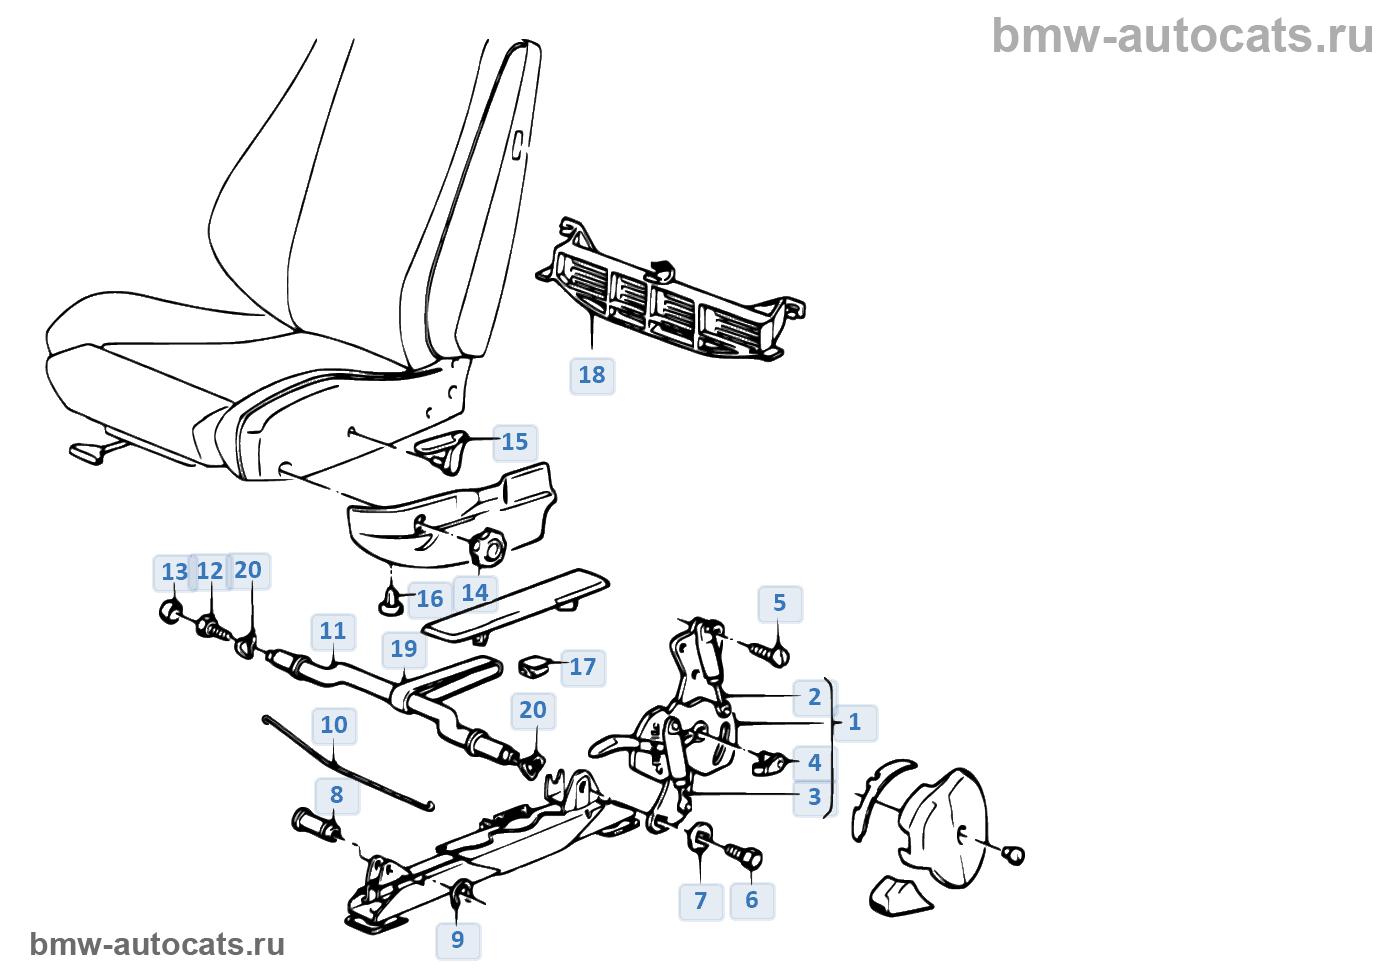 Фурнитура сиденья с откидной спинкой